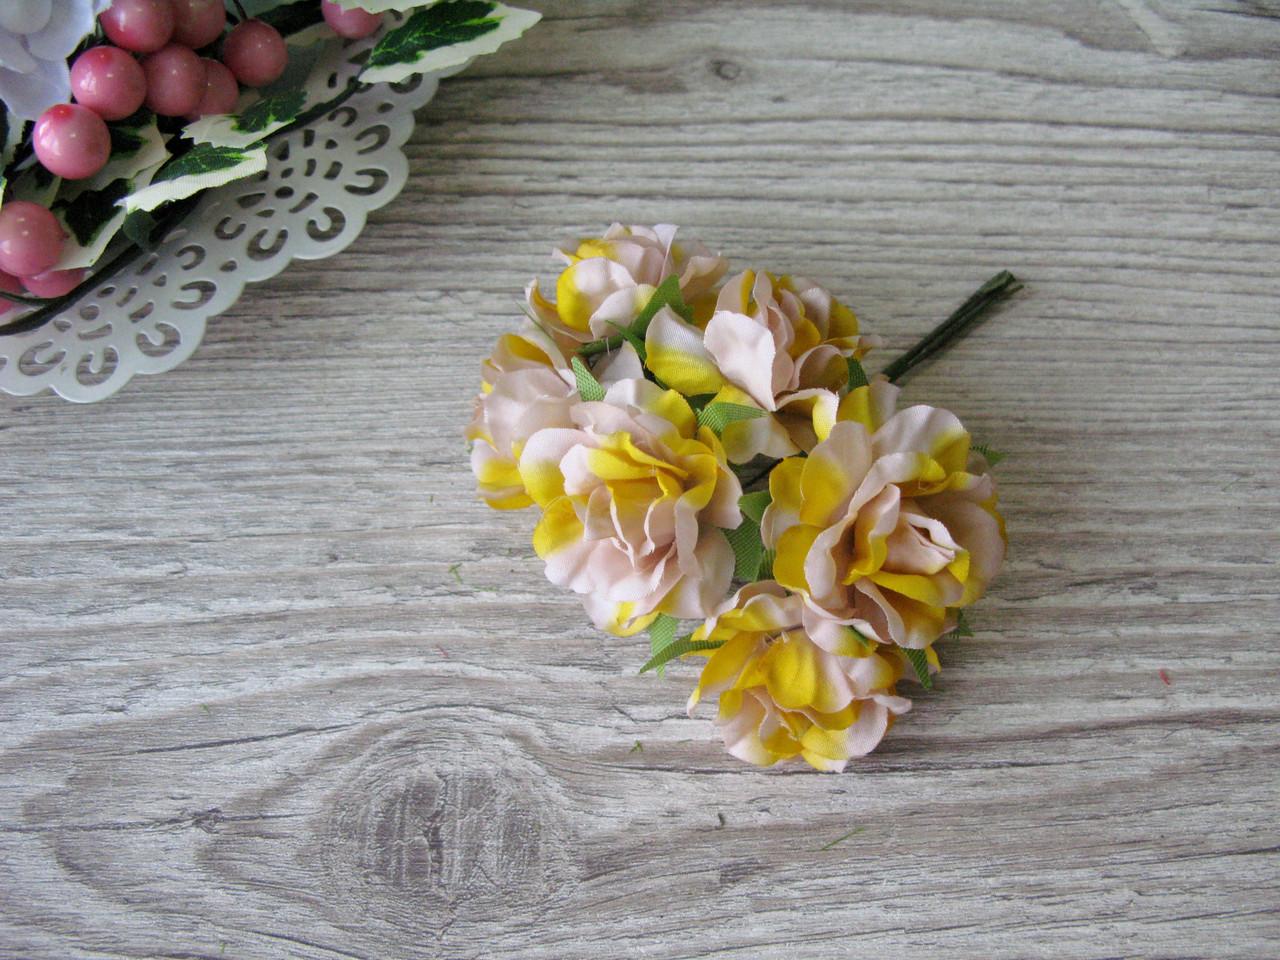 Роза тканевая желтая 3.5 см пучок 6 шт - 20 грн